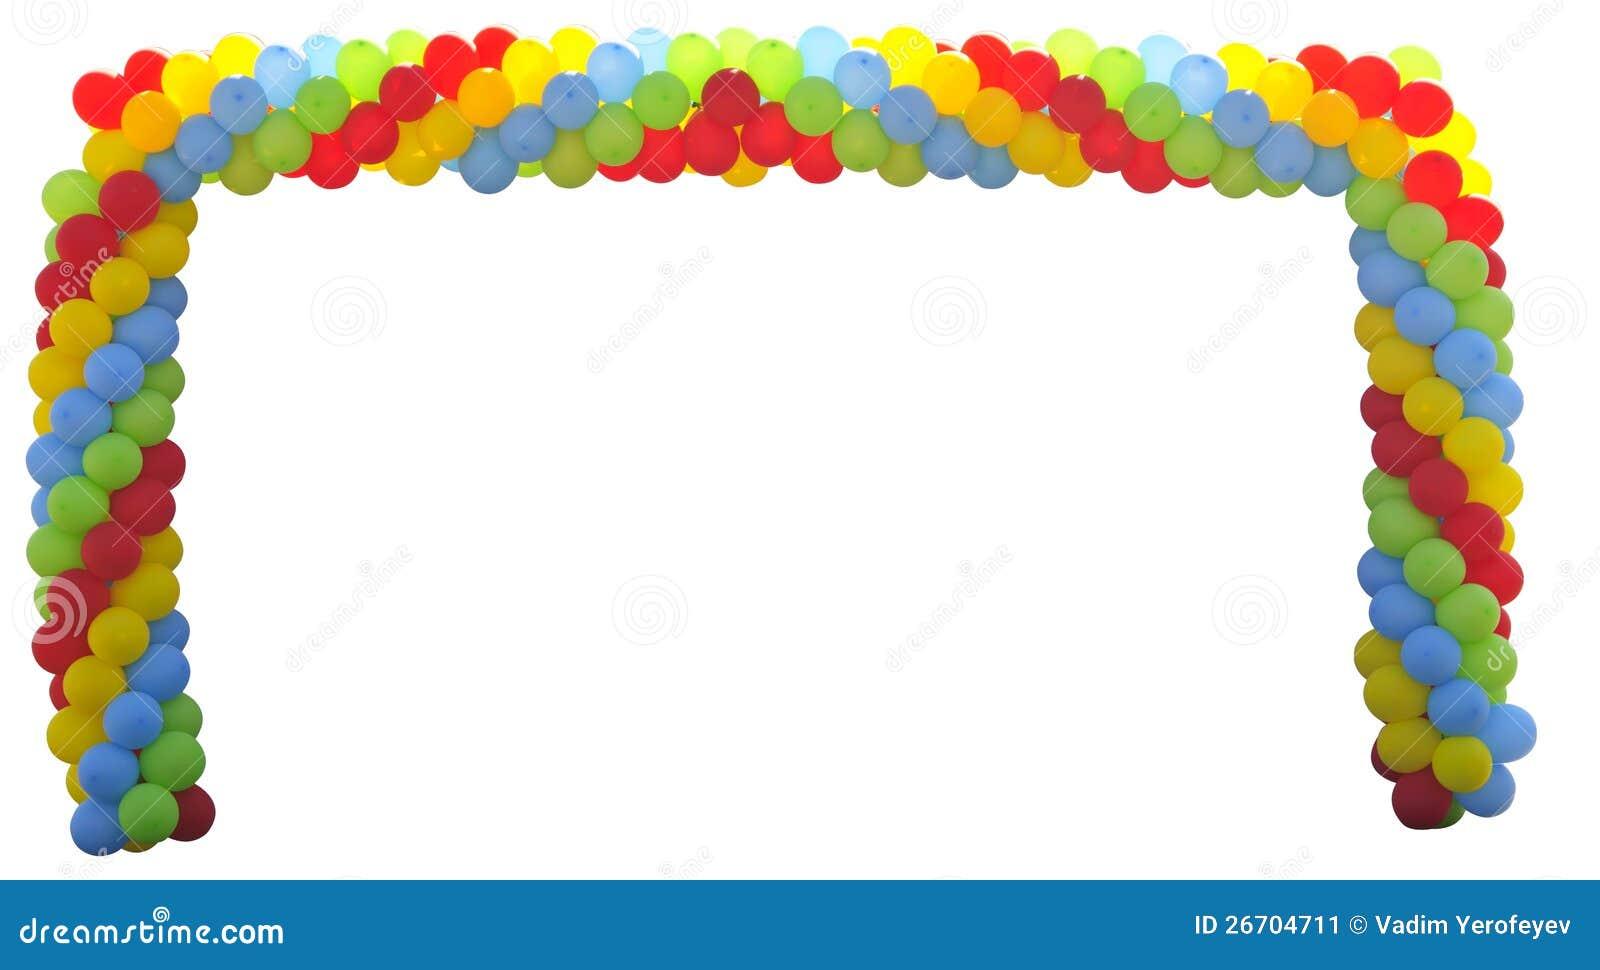 黑板報邊框氣球